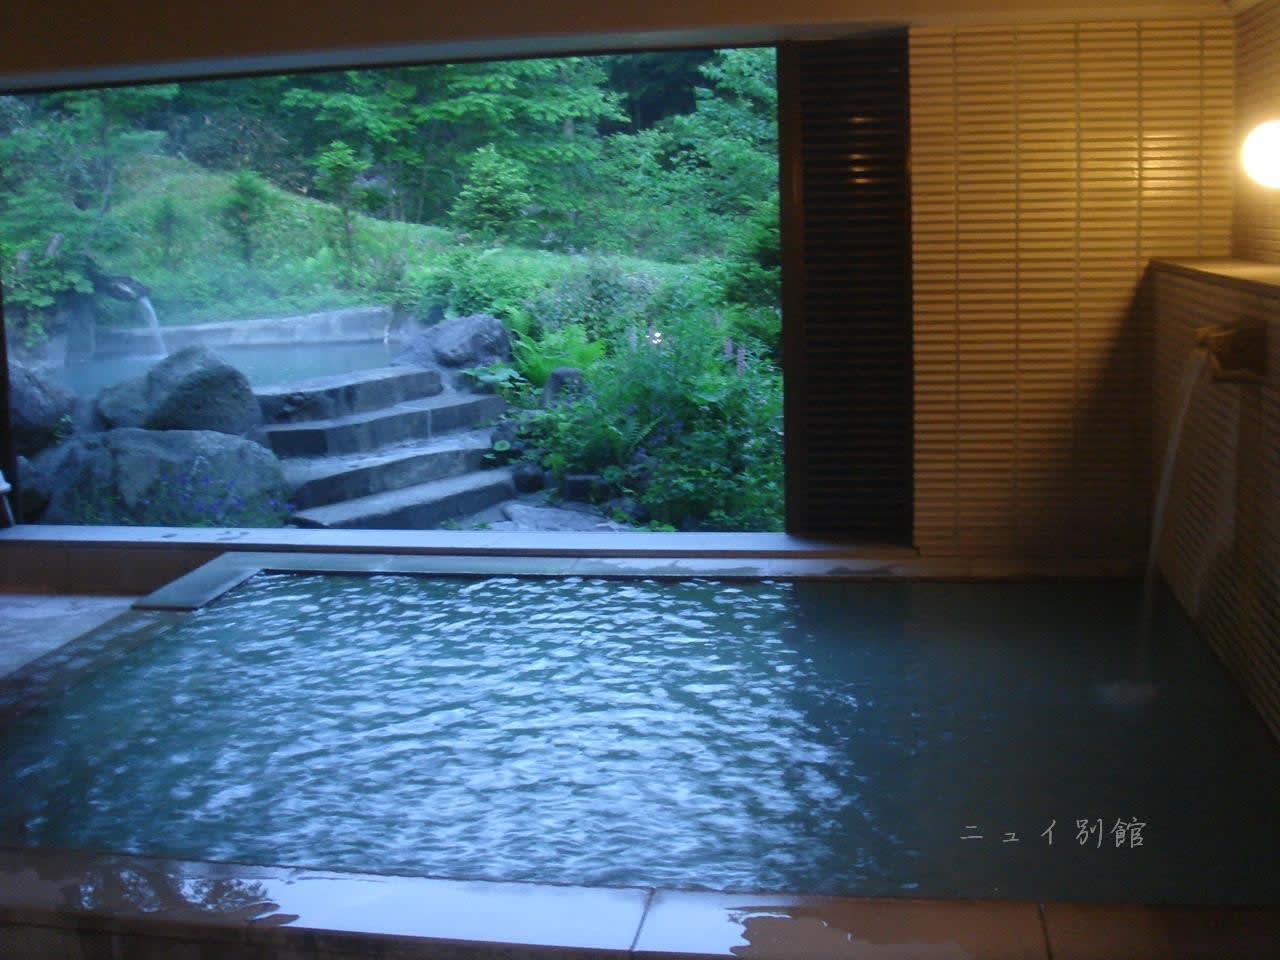 朝4時の風呂